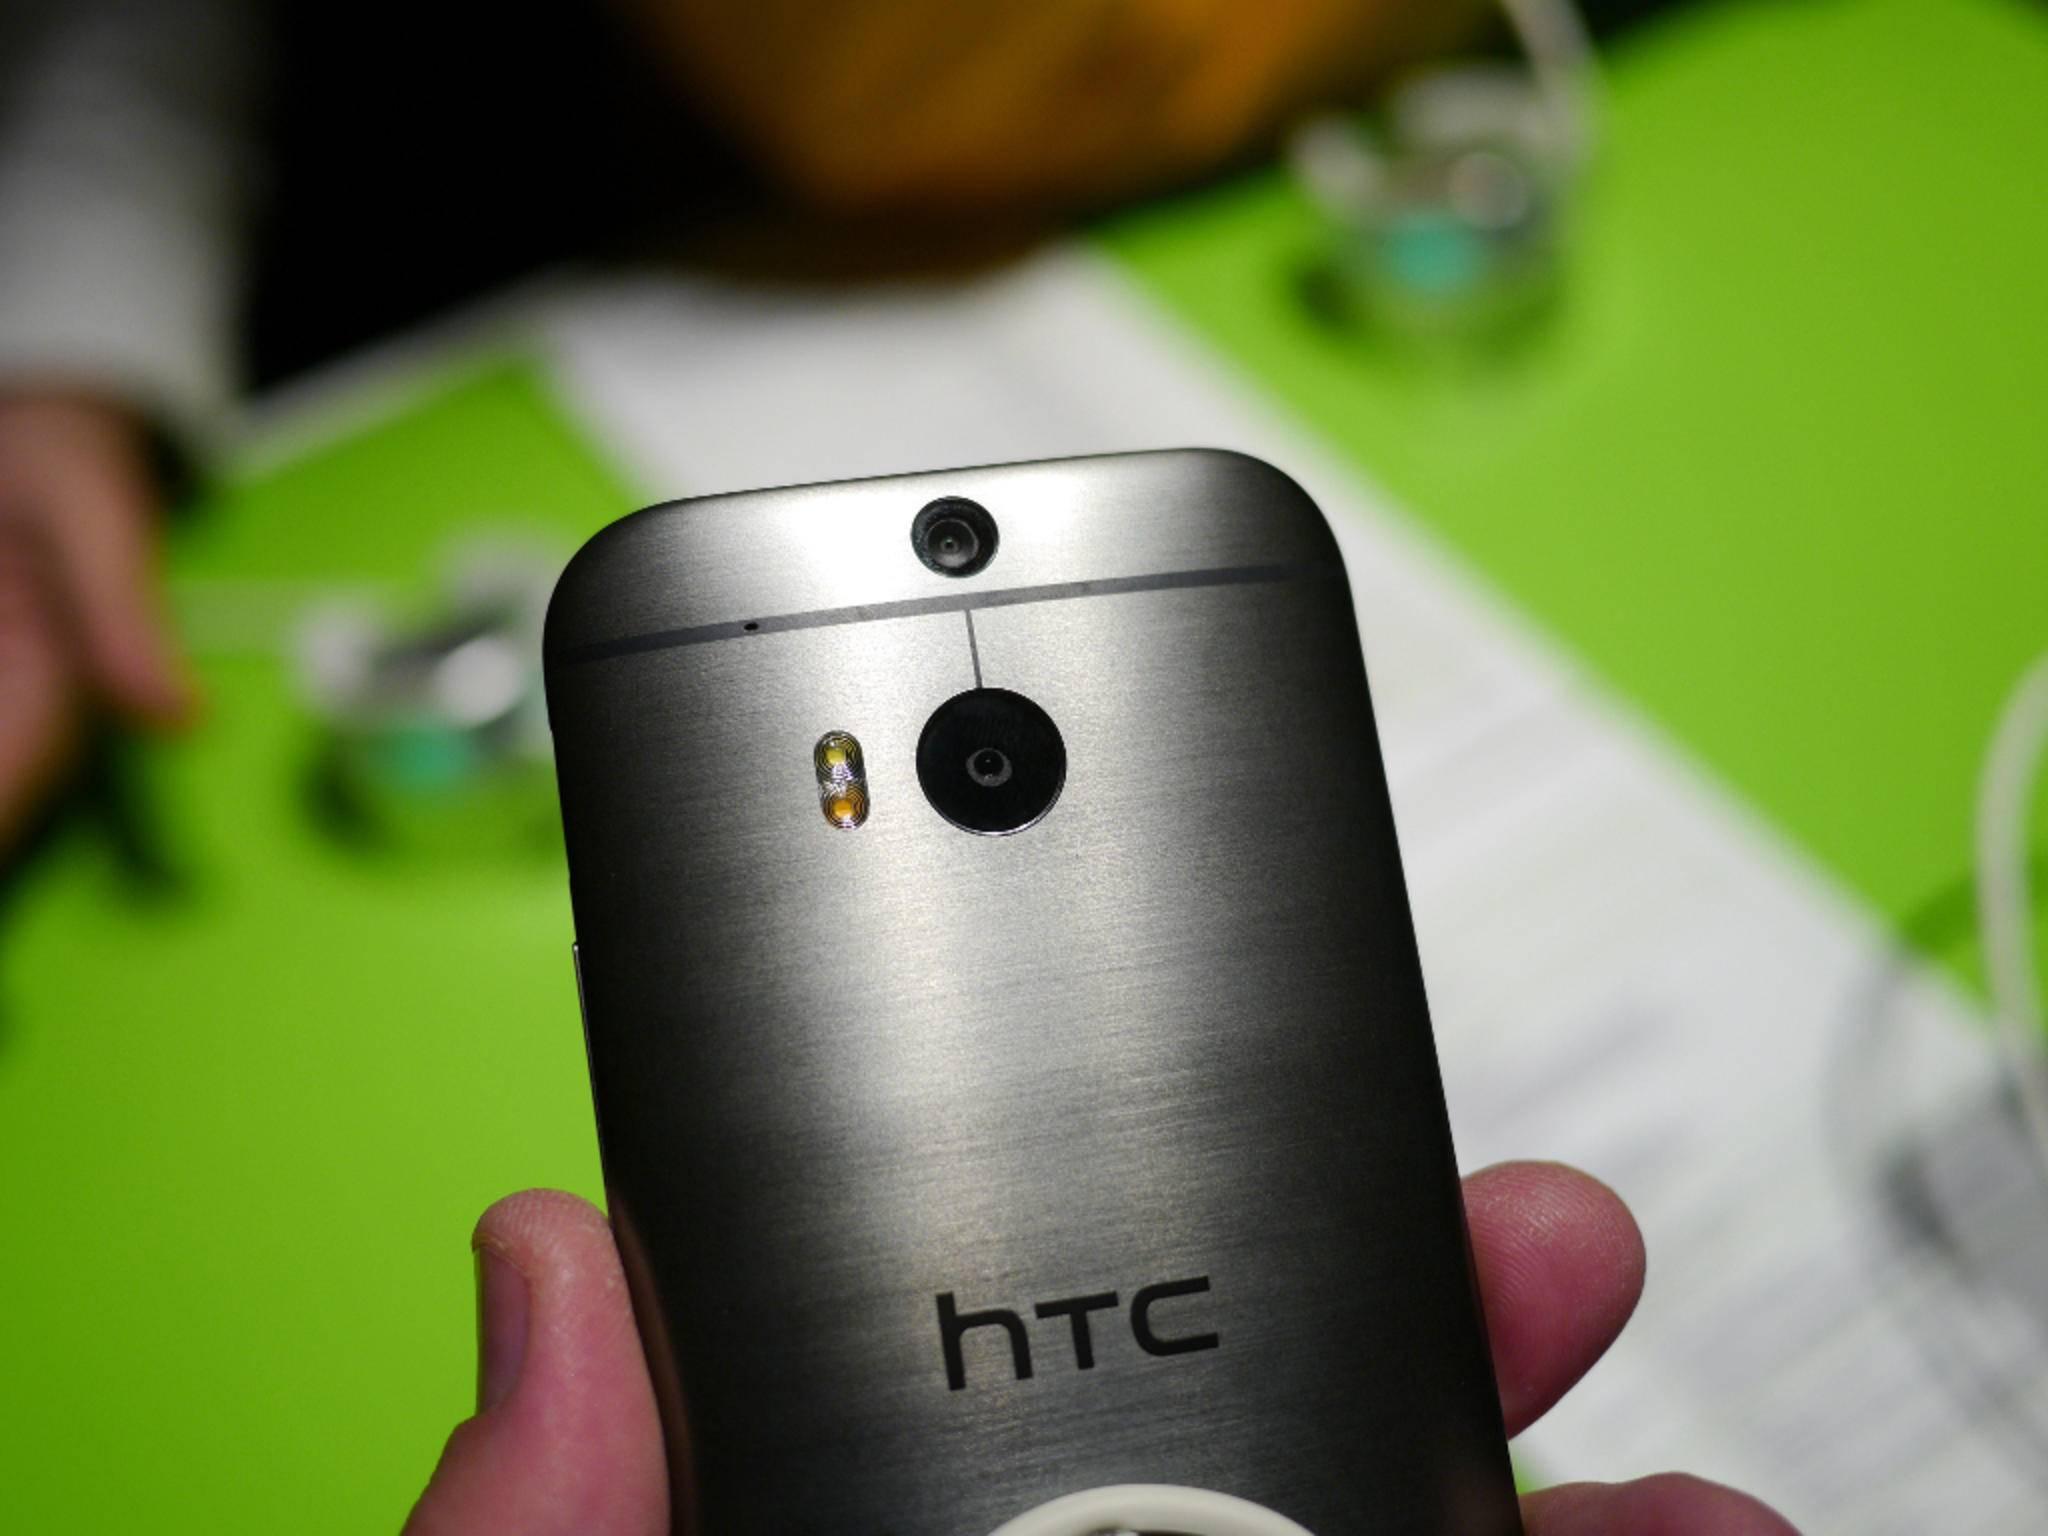 Das HTC One M9 soll keine Duo-Kamera wie das One M8 besitzen.